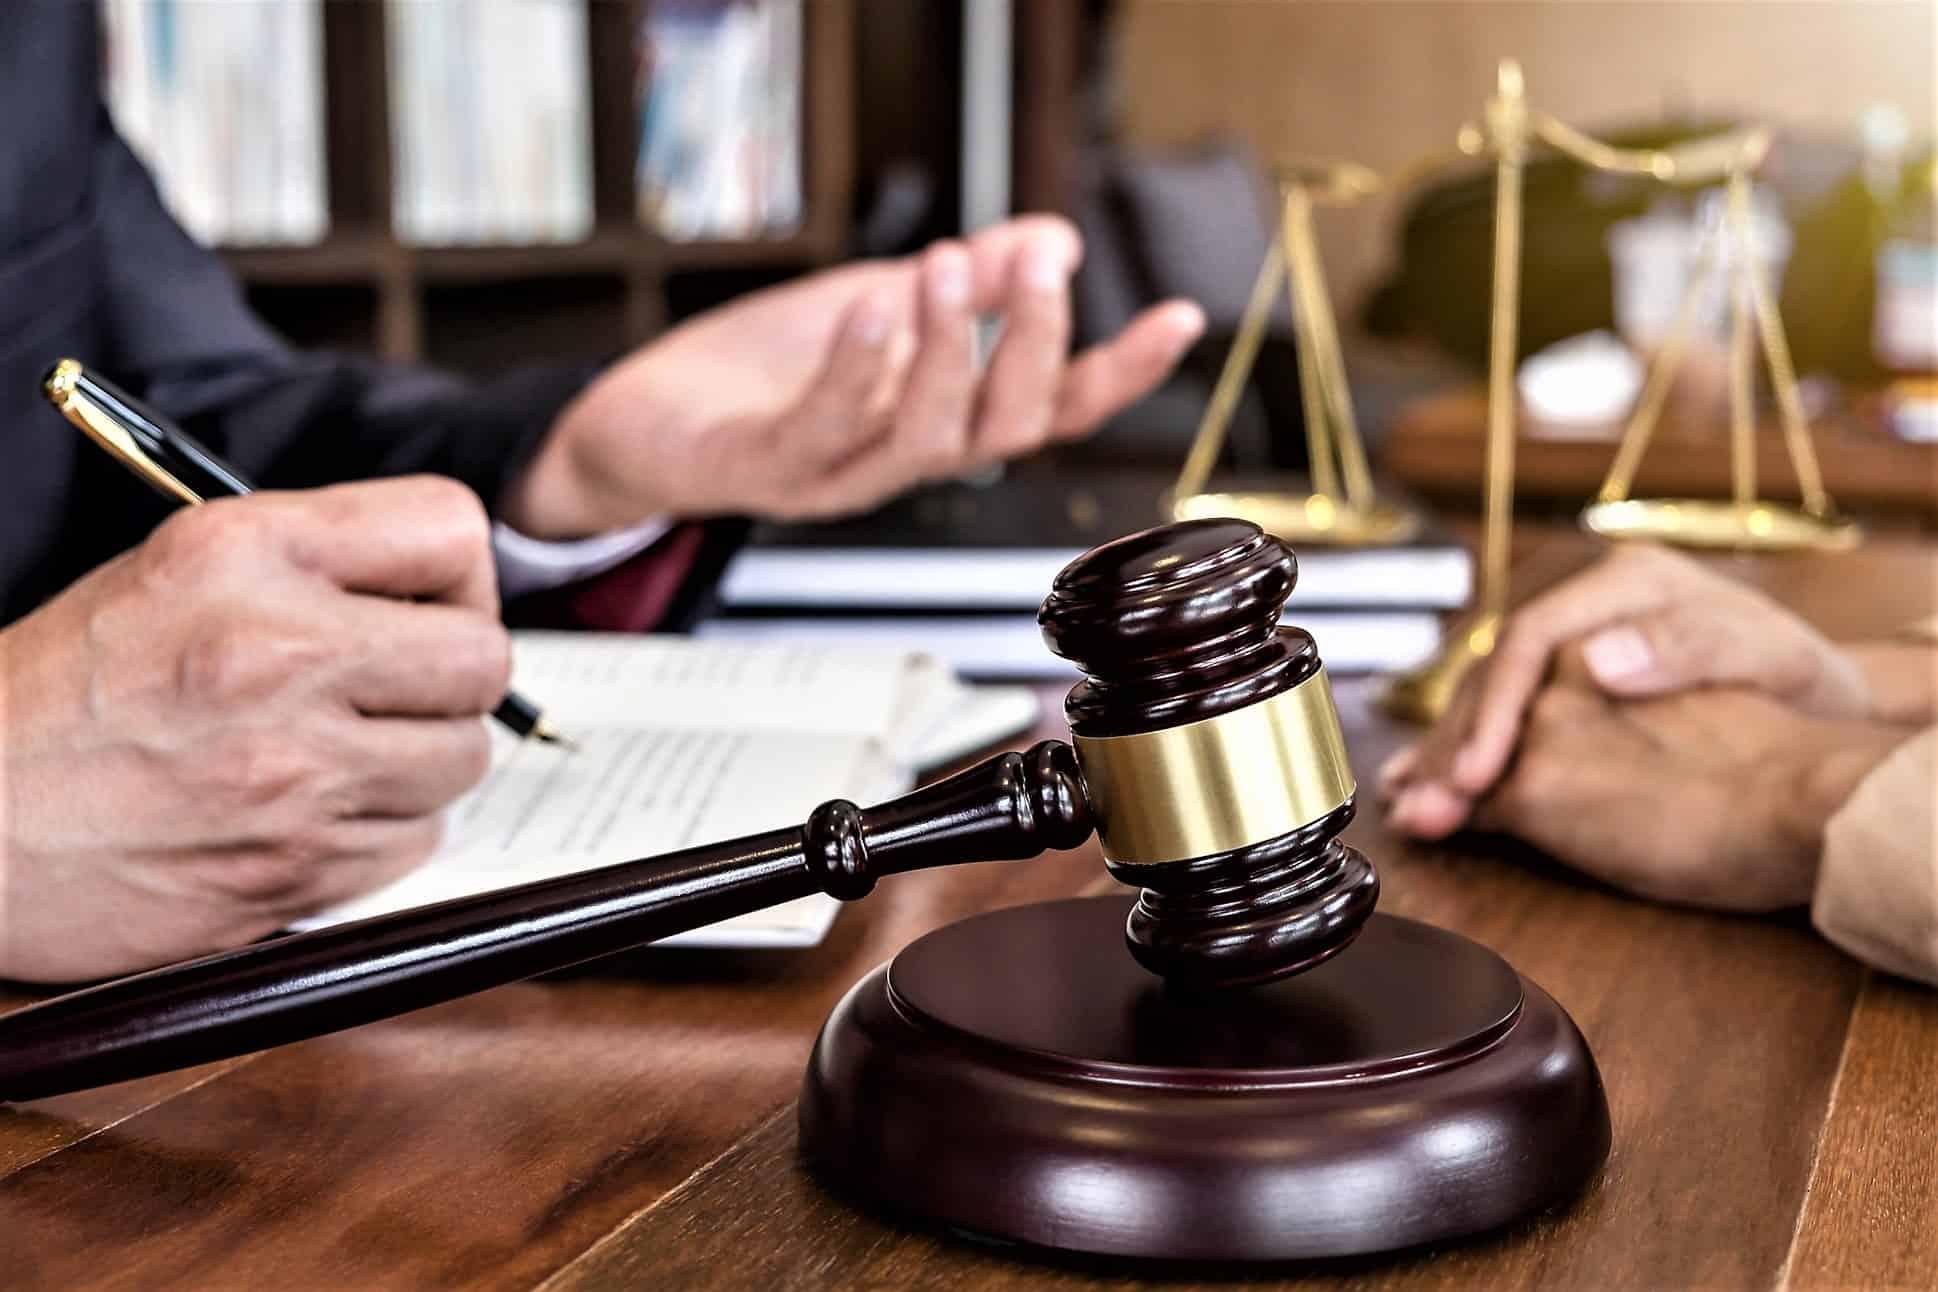 Ceza davaları için alanında uzman ve tecrübeli bir ceza avukatına ihtiyaç duyulur.